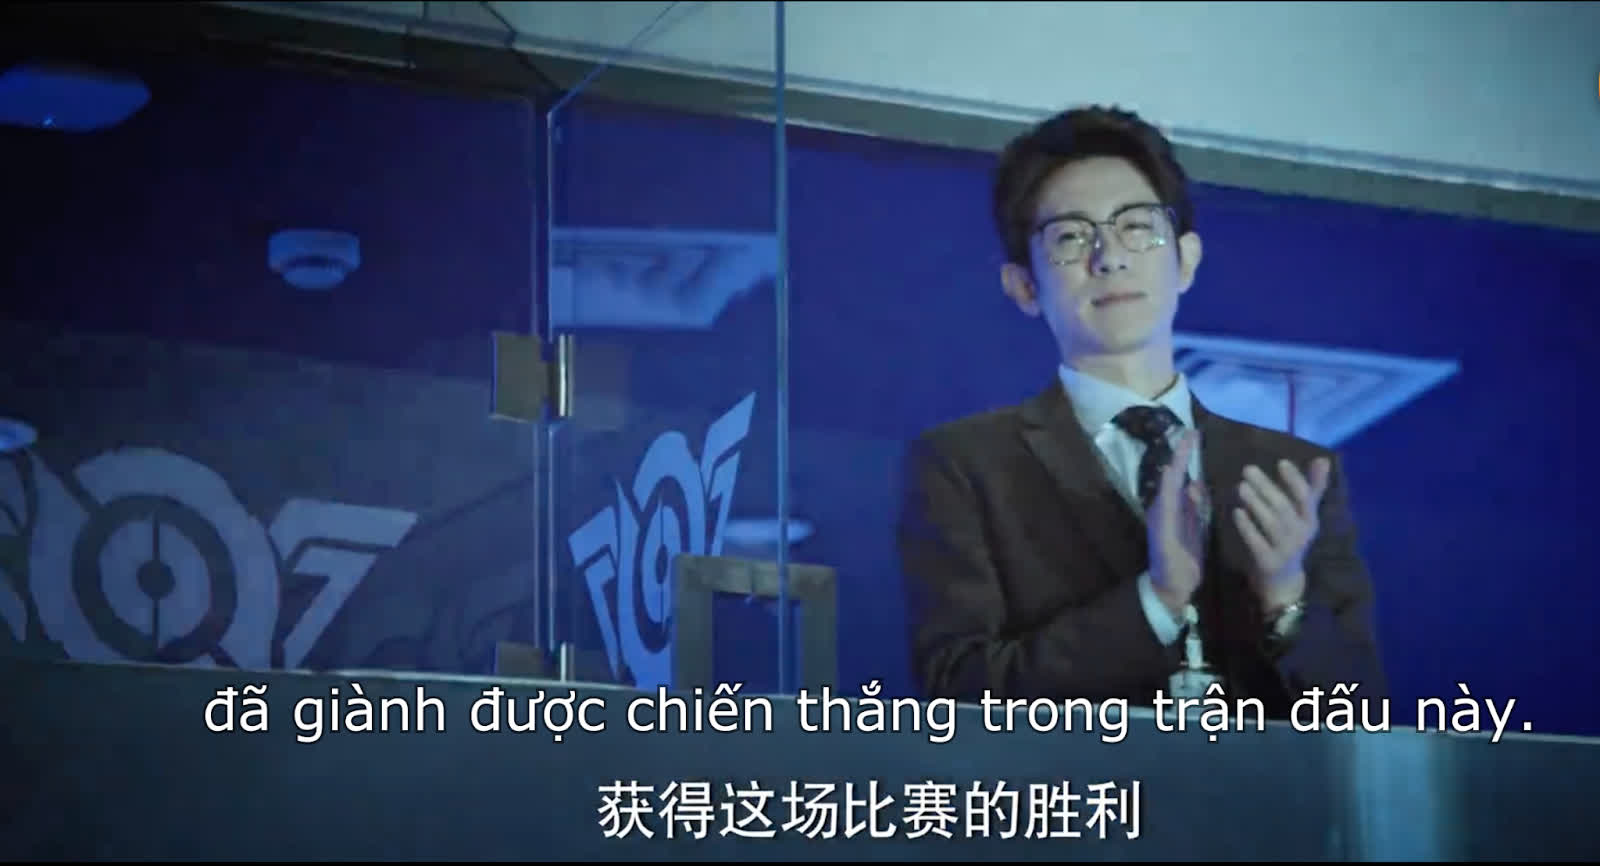 Nhiệt Ba - Dương Dương thi đấu game vẫn show ân ái, không để ý bồ cũ xuất hiện ghê rợn ở Em Là Niềm Kiêu Hãnh Của Anh - Ảnh 10.